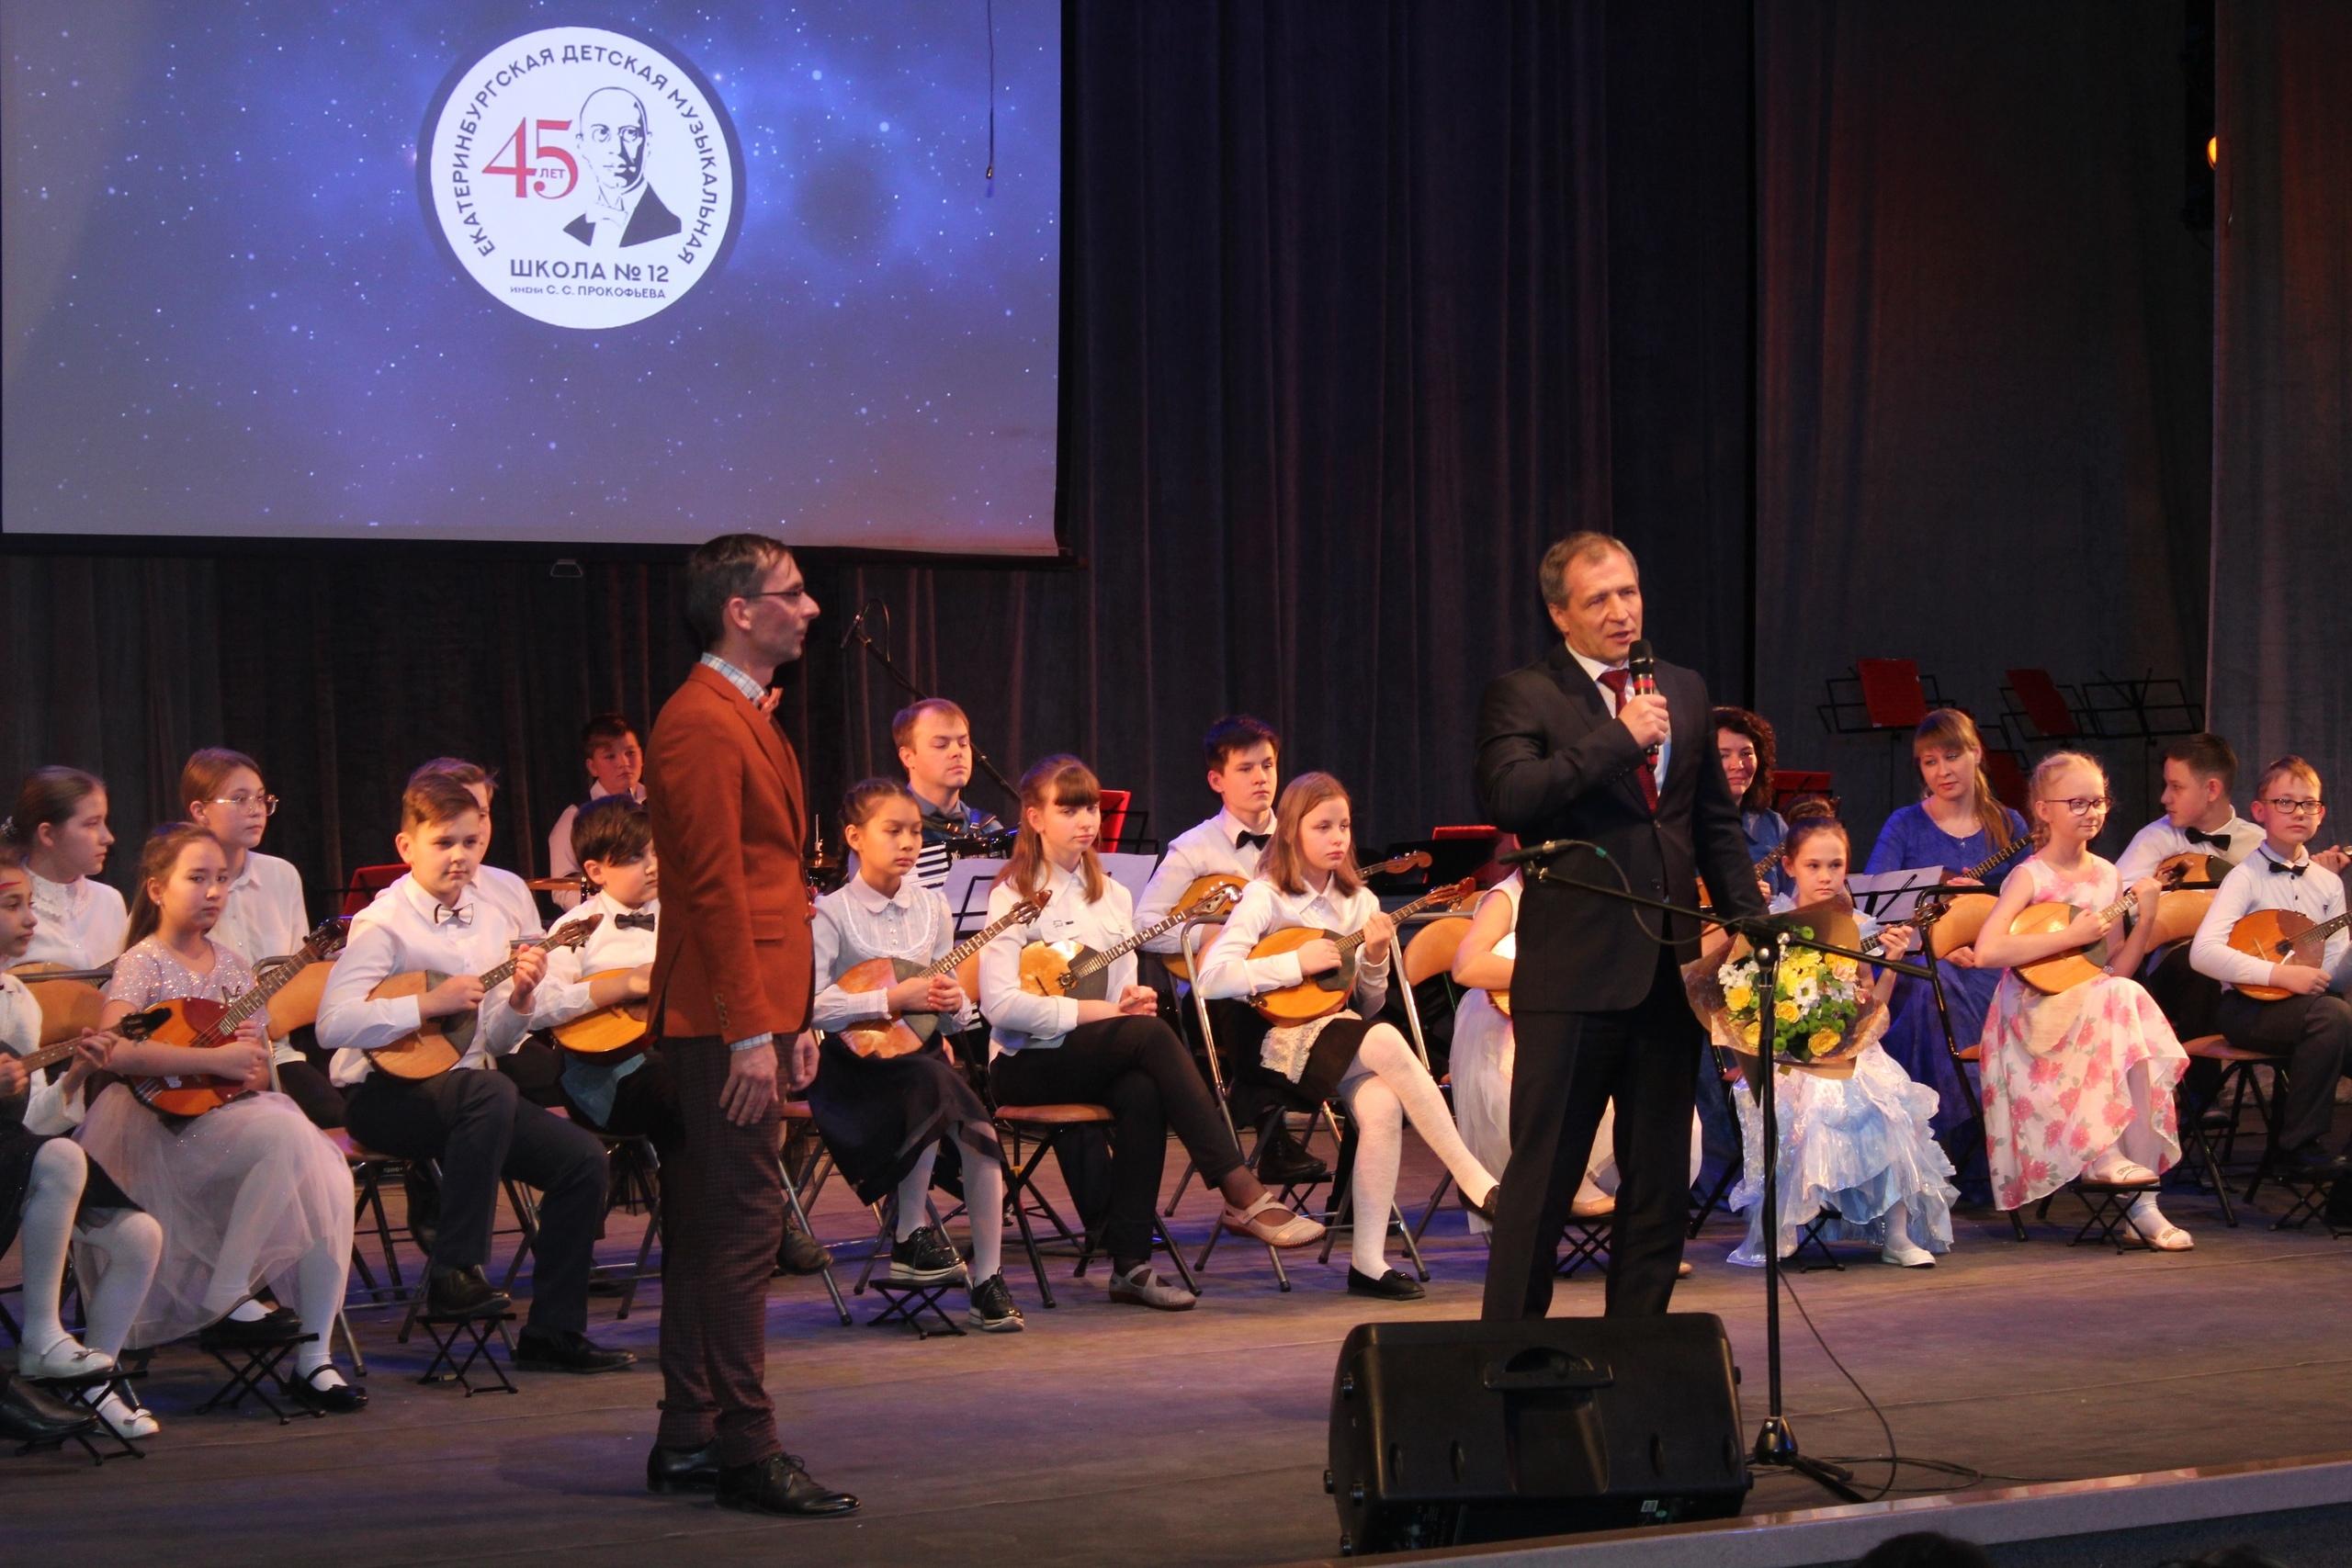 Музыкальной школе № 12 имени С.С. Прокофьева исполнилось 45 летМузыкальной школе № 12 имени С.С. Прокофьева исполнилось 45 лет